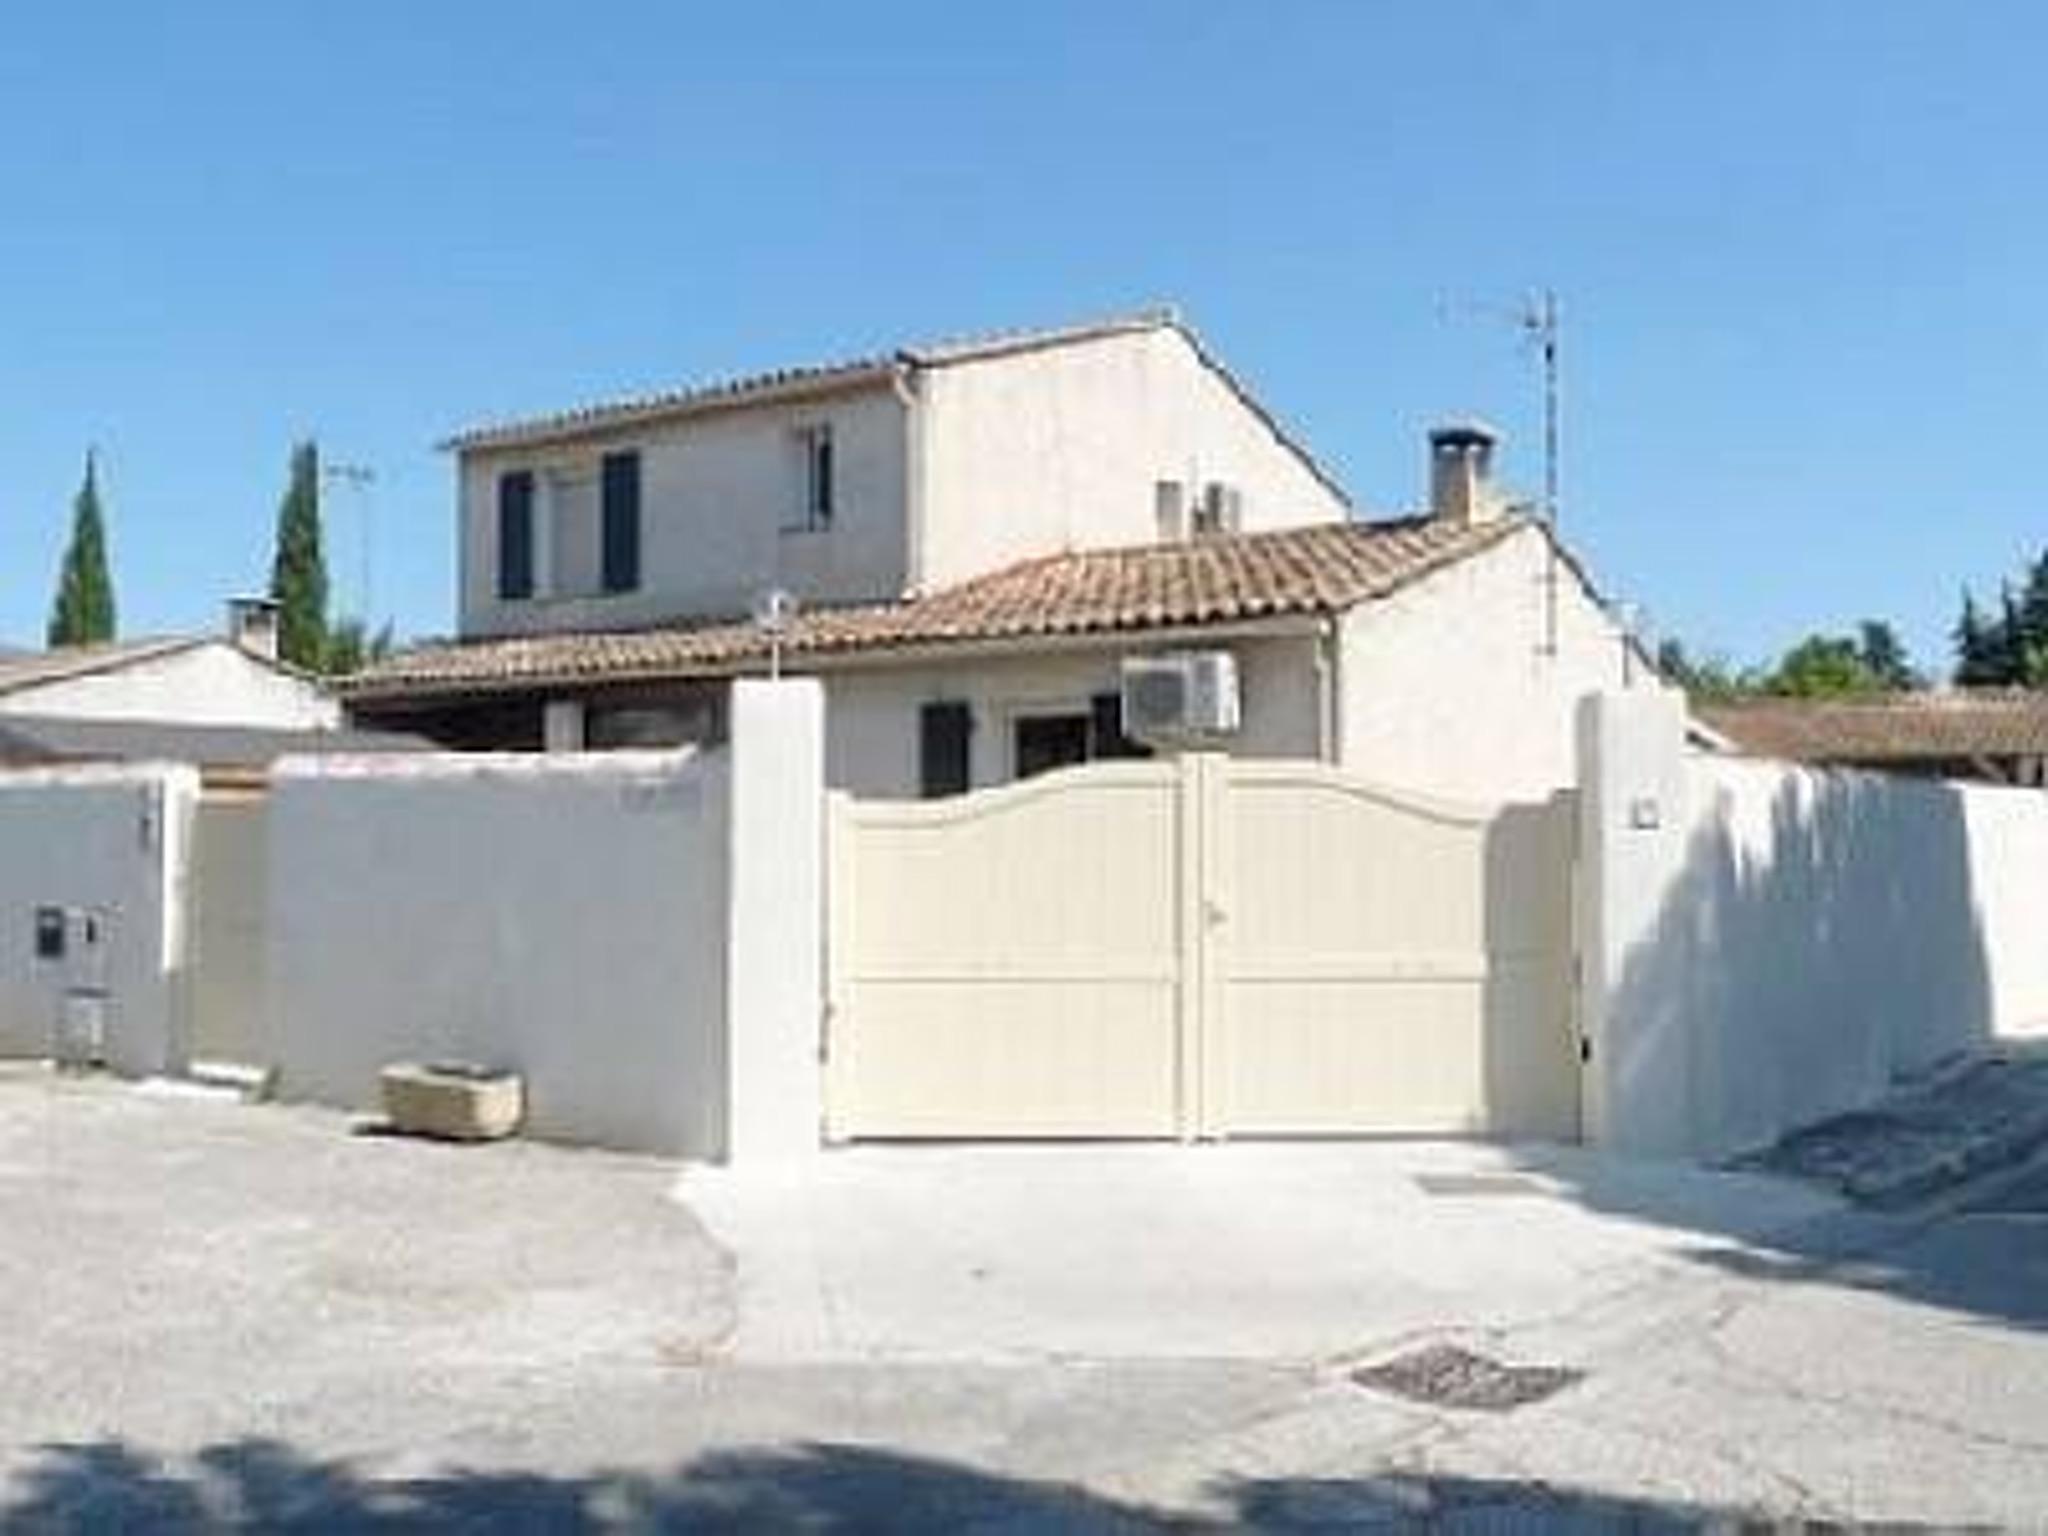 Maison de vacances Villa mit 3 Schlafzimmern in L'Isle-sur-la-Sorgue mit privatem Pool, möblierter Terrasse u (2208394), L'Isle sur la Sorgue, Vaucluse, Provence - Alpes - Côte d'Azur, France, image 4